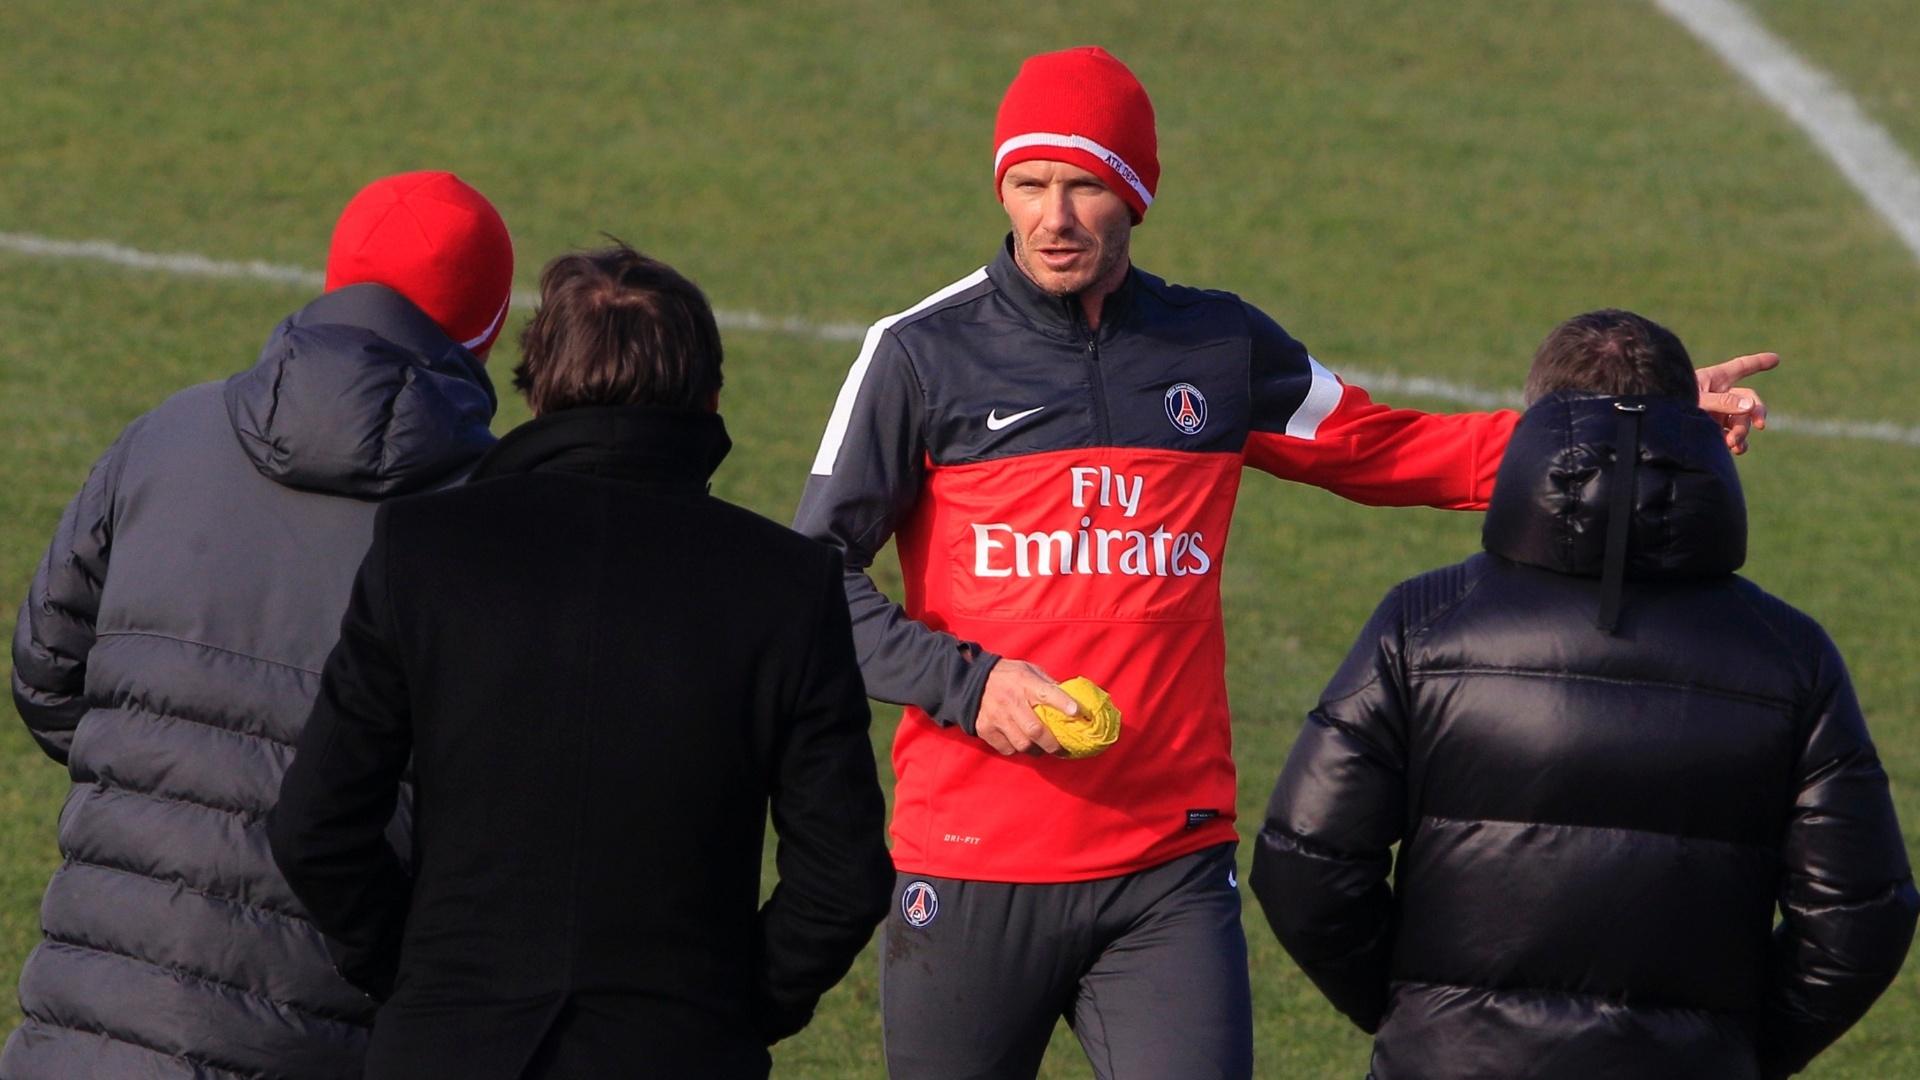 13.fev.13 - David Beckham conversa com o diretor do PSG, Leonardo, e com o técnico Carlo Ancelotti (ambos de costas) durante seu primeiro treino no clube francês